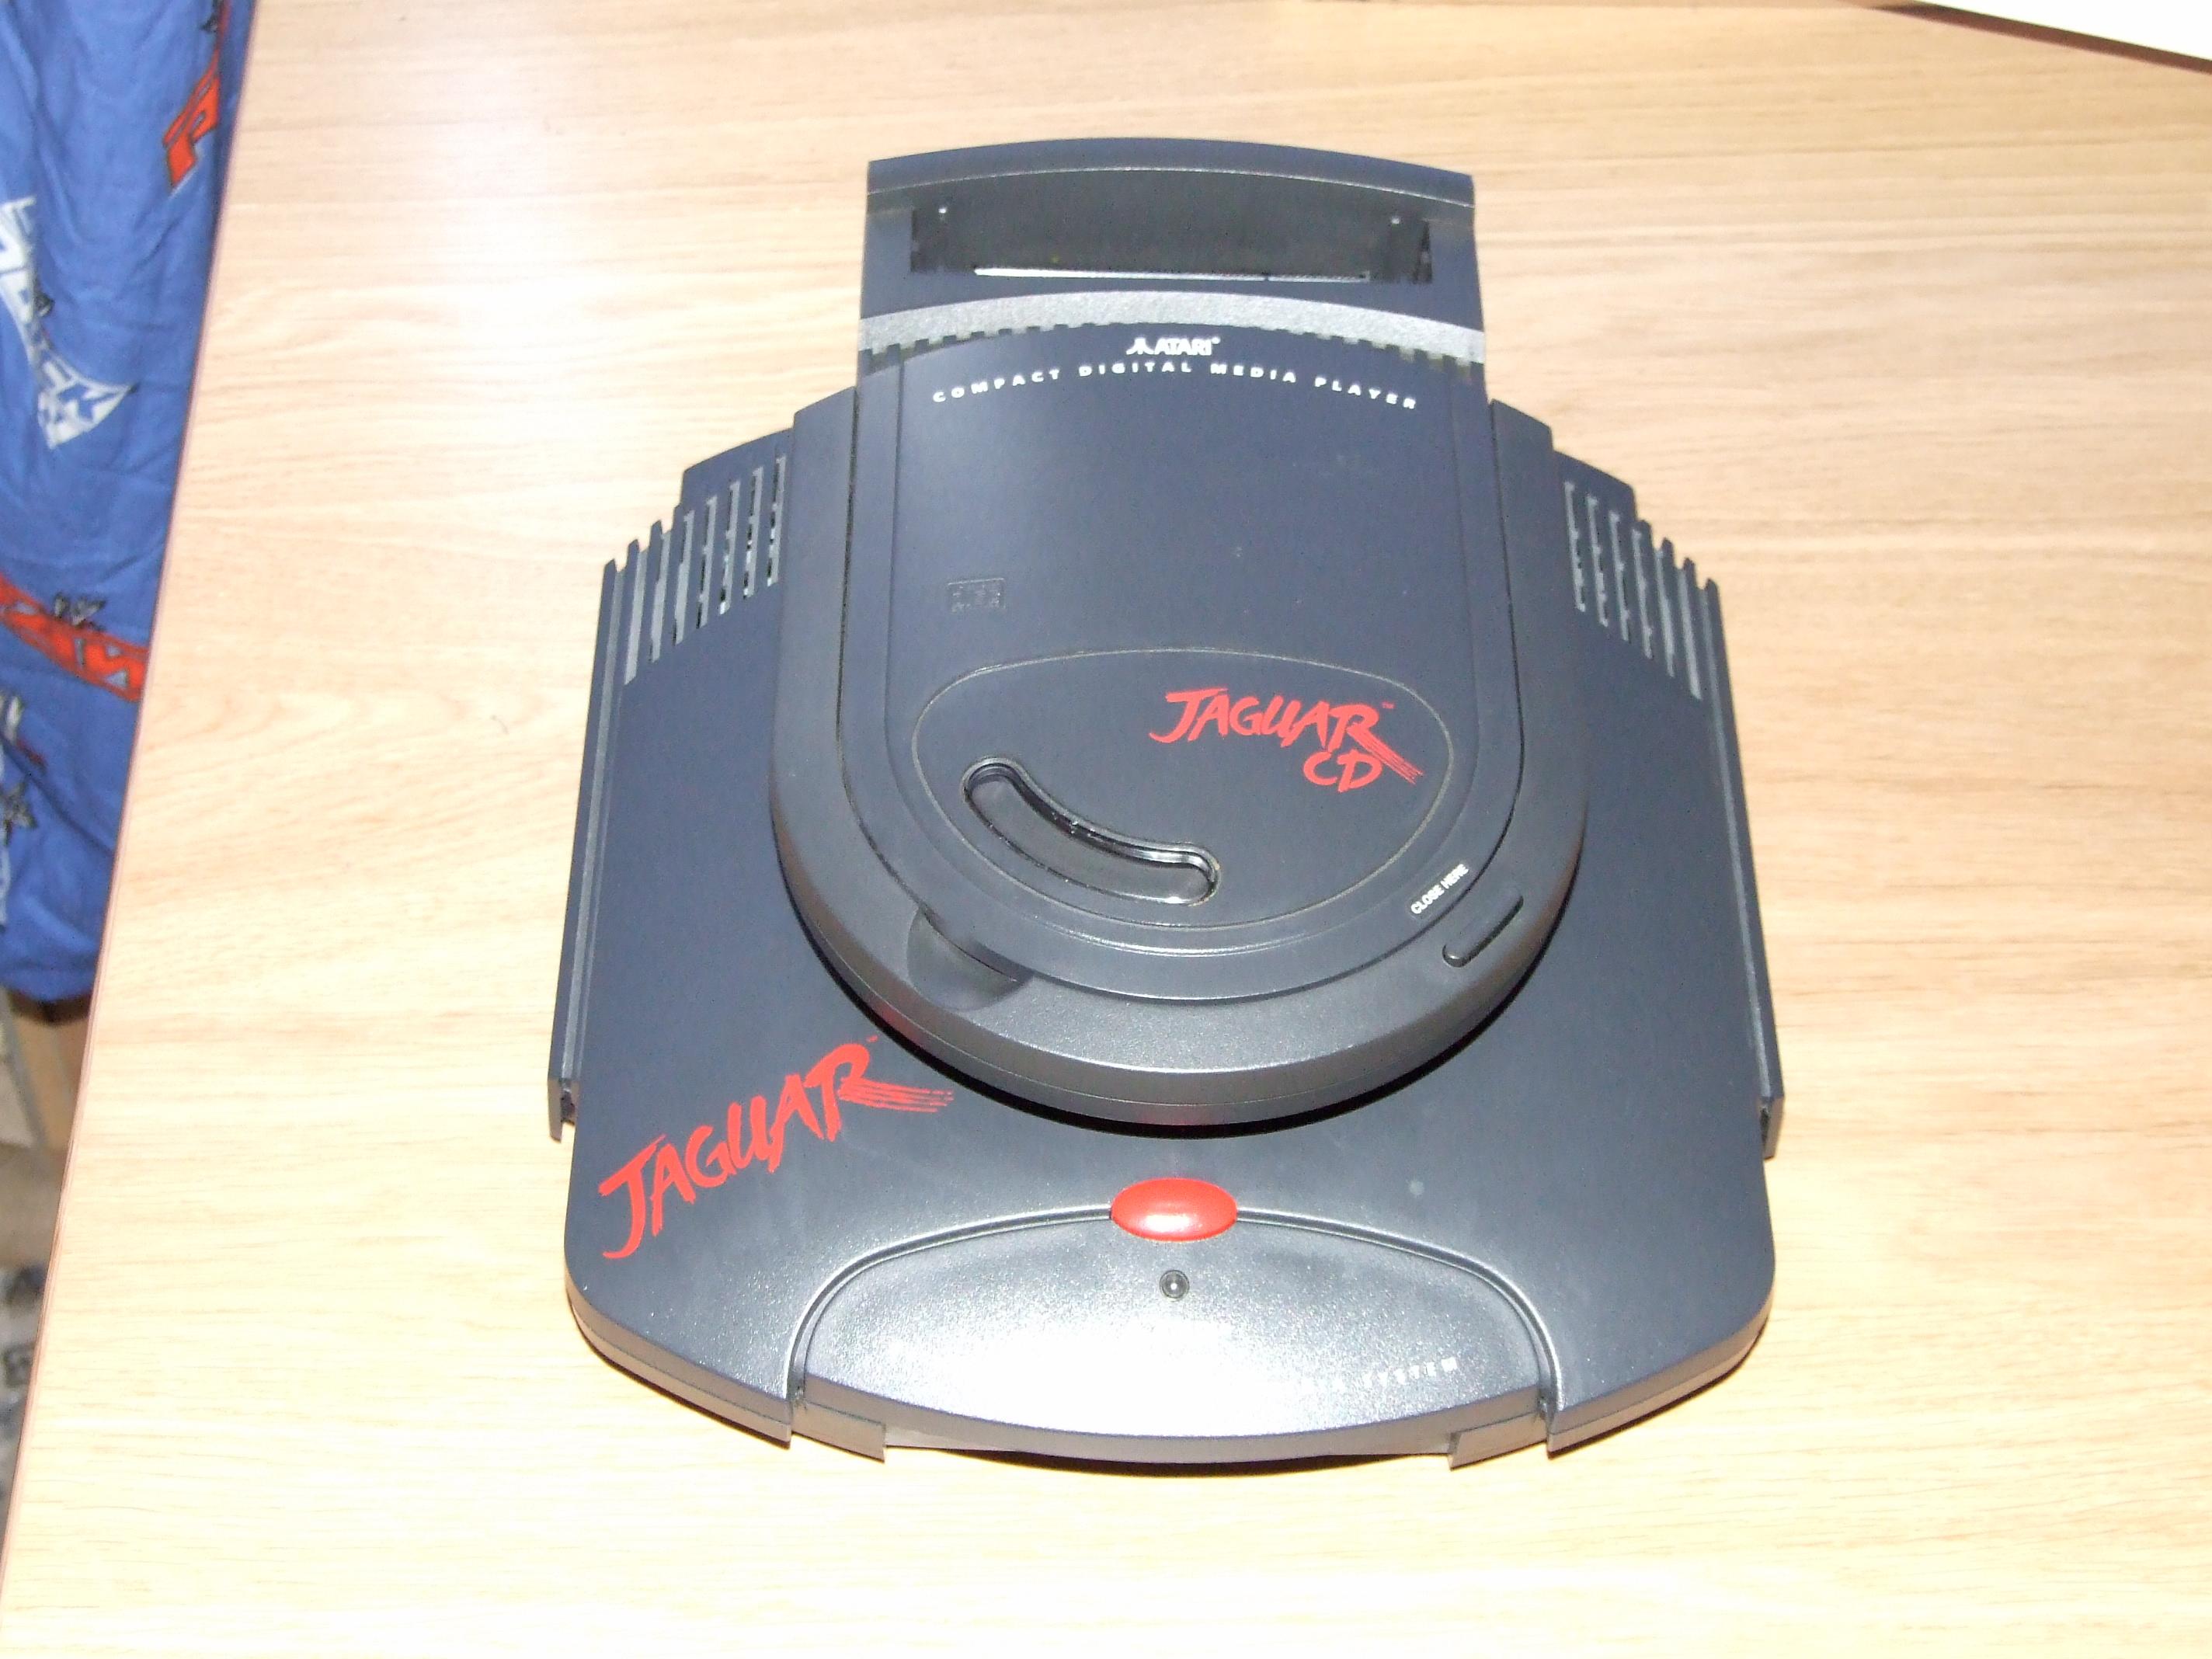 The Jaguar CD attached to the Jaguar.